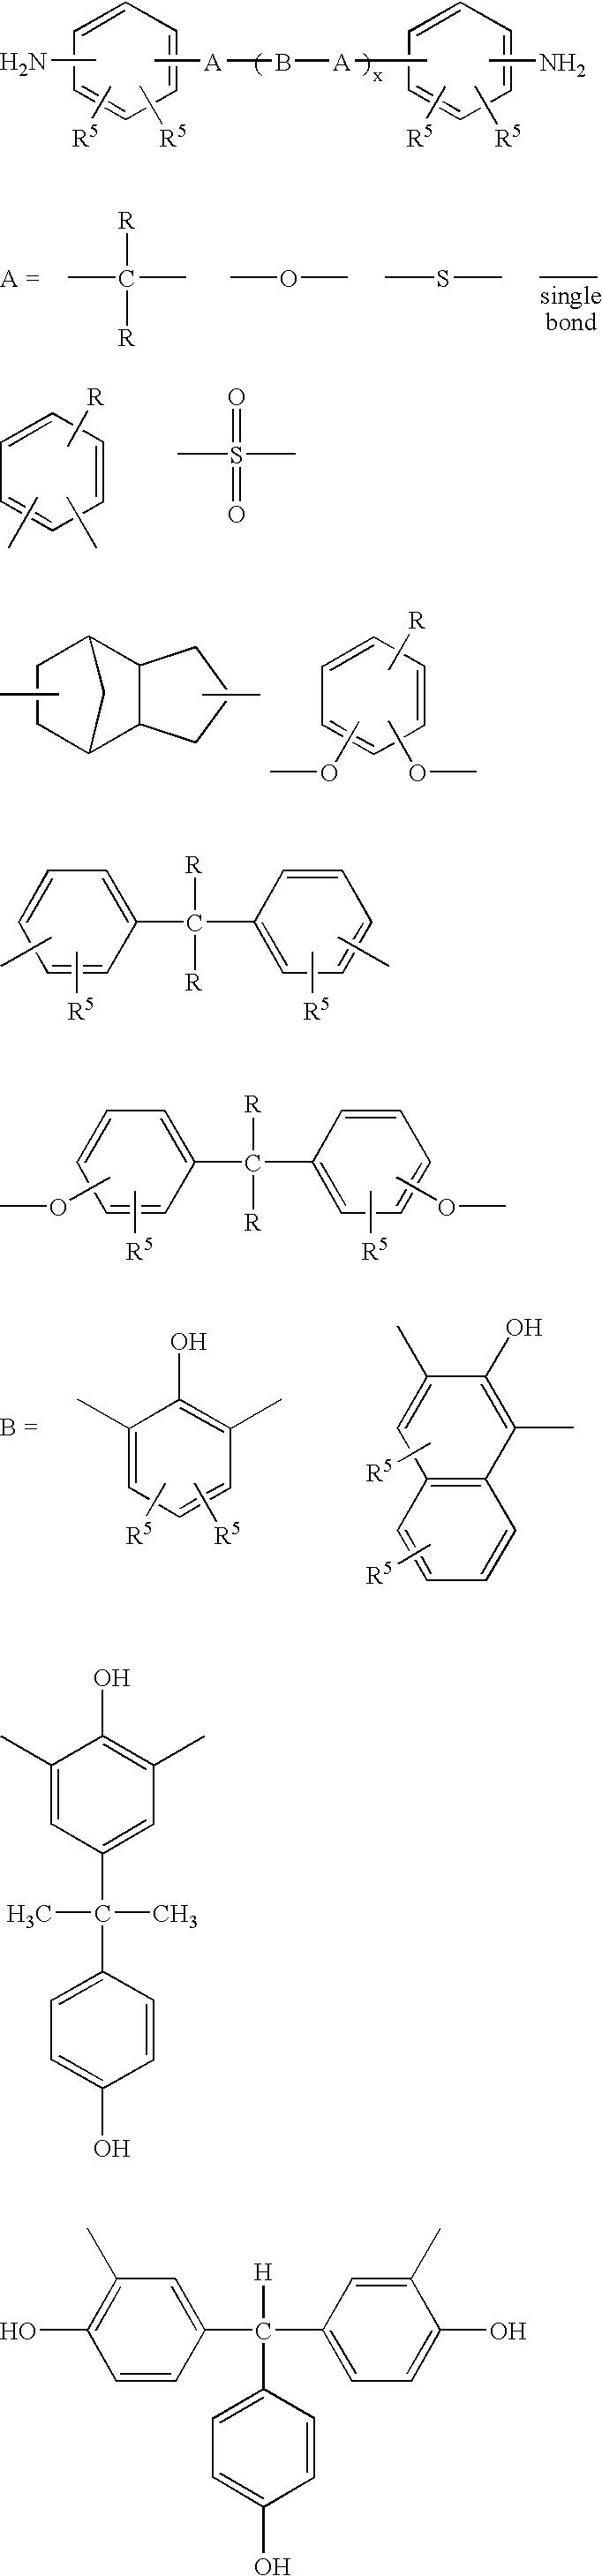 Figure US20040213994A1-20041028-C00011